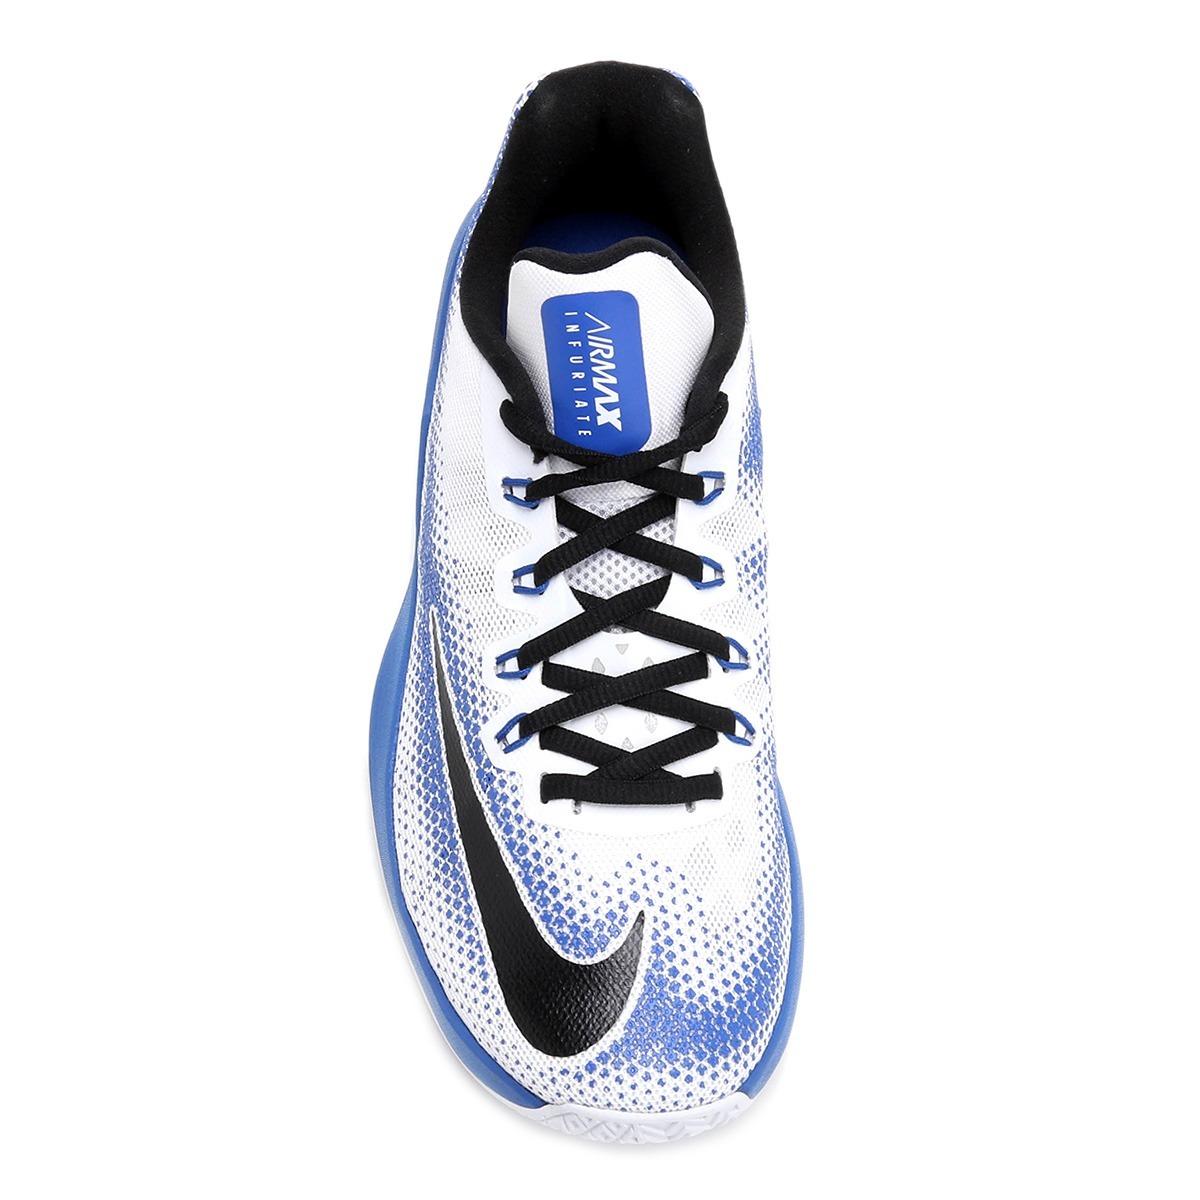 d1dcec949cf Carregando zoom... nike masculino tênis. Carregando zoom... tênis nike air  max infuriate low masculino - branco e azul